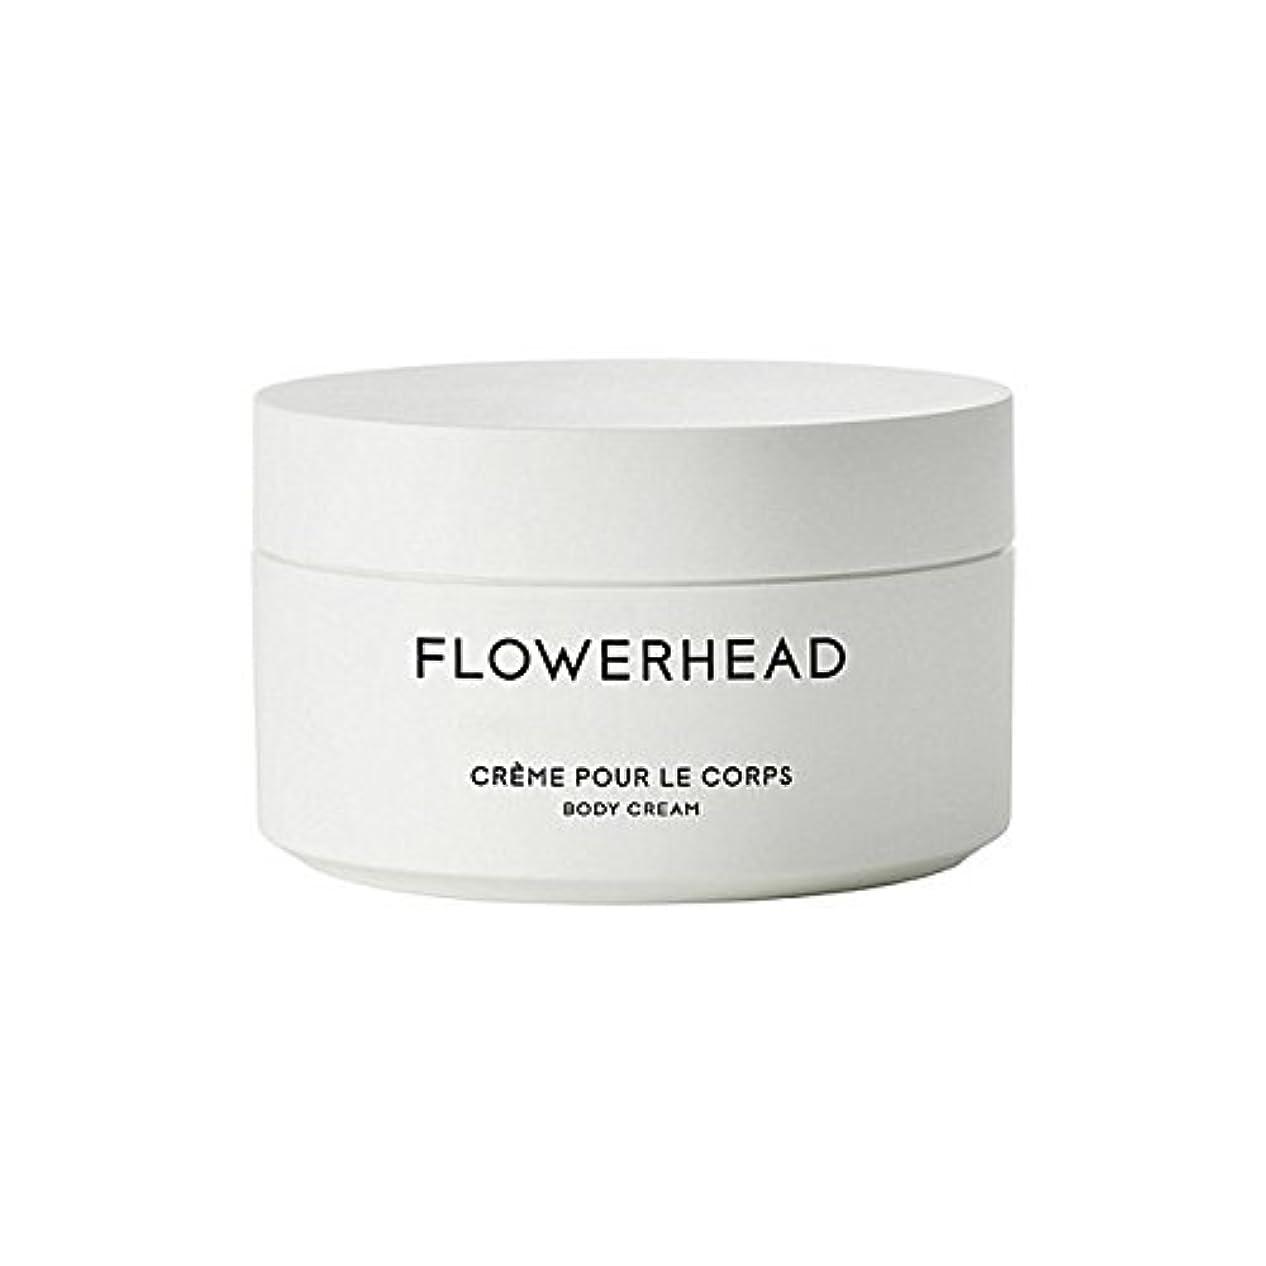 定説才能実質的にByredo Flowerhead Body Cream 200ml - ボディクリーム200ミリリットル [並行輸入品]